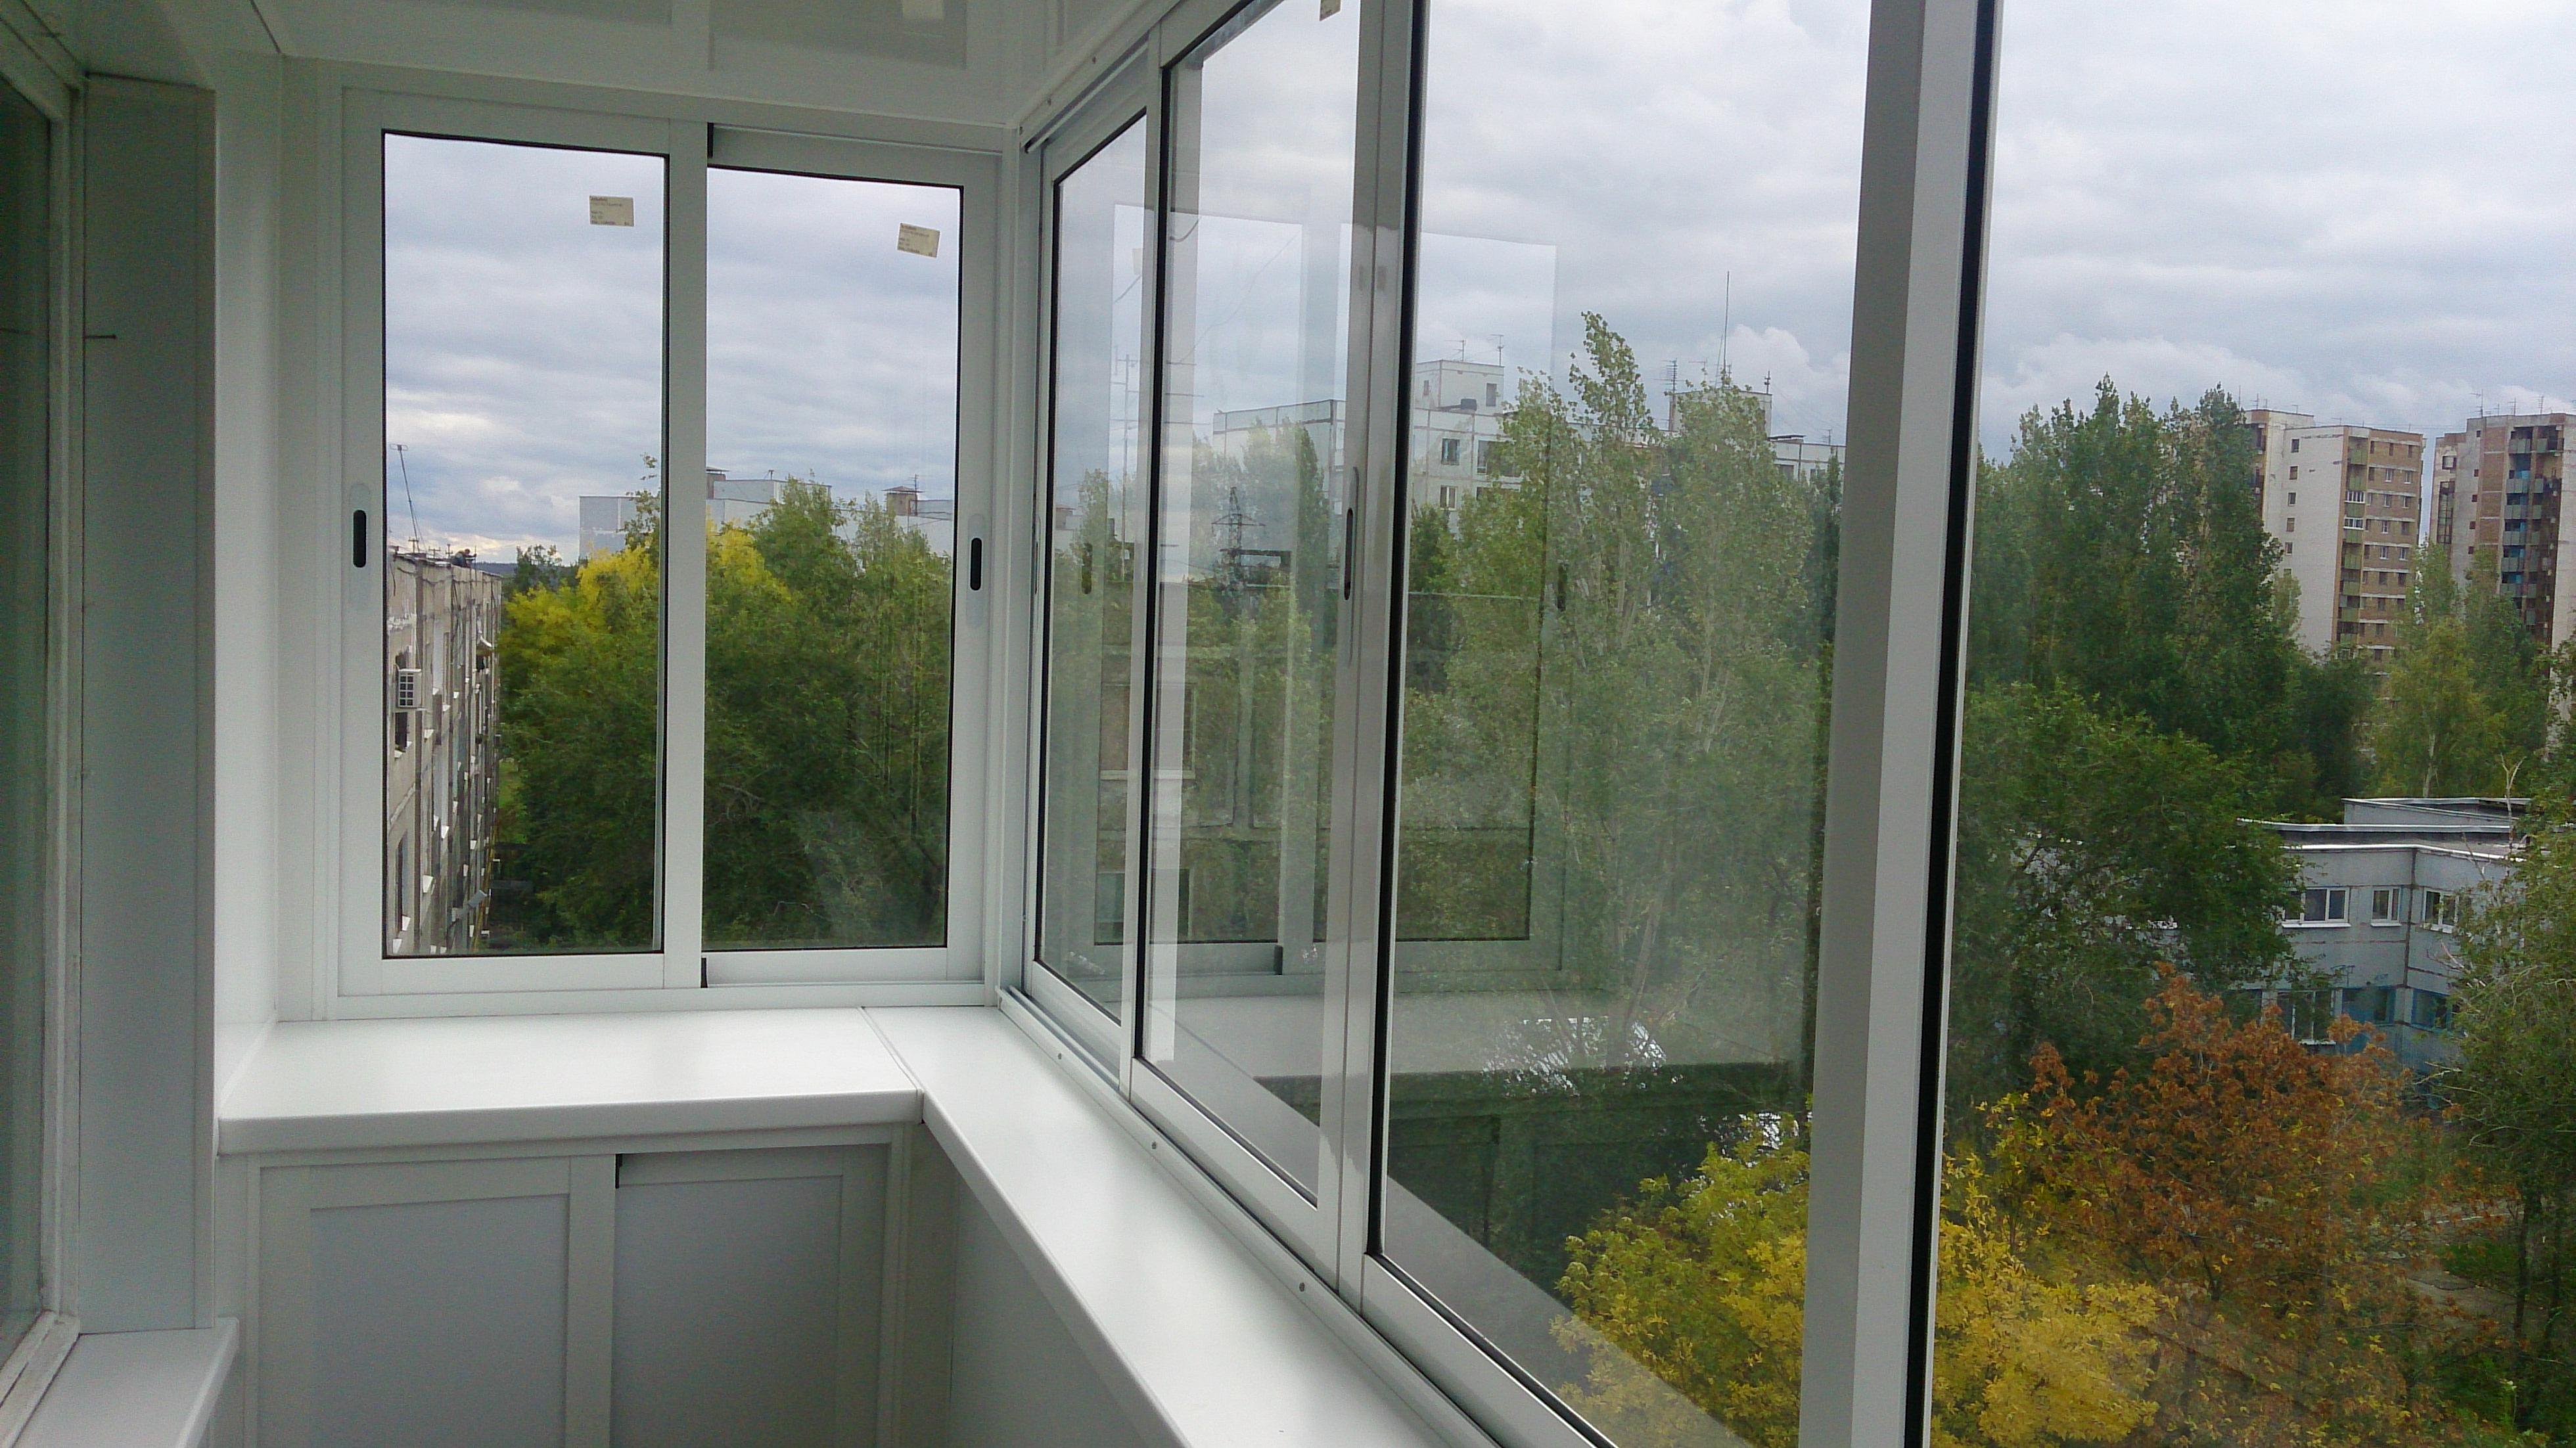 Остекление балкона - подробно о вариантах и методах.